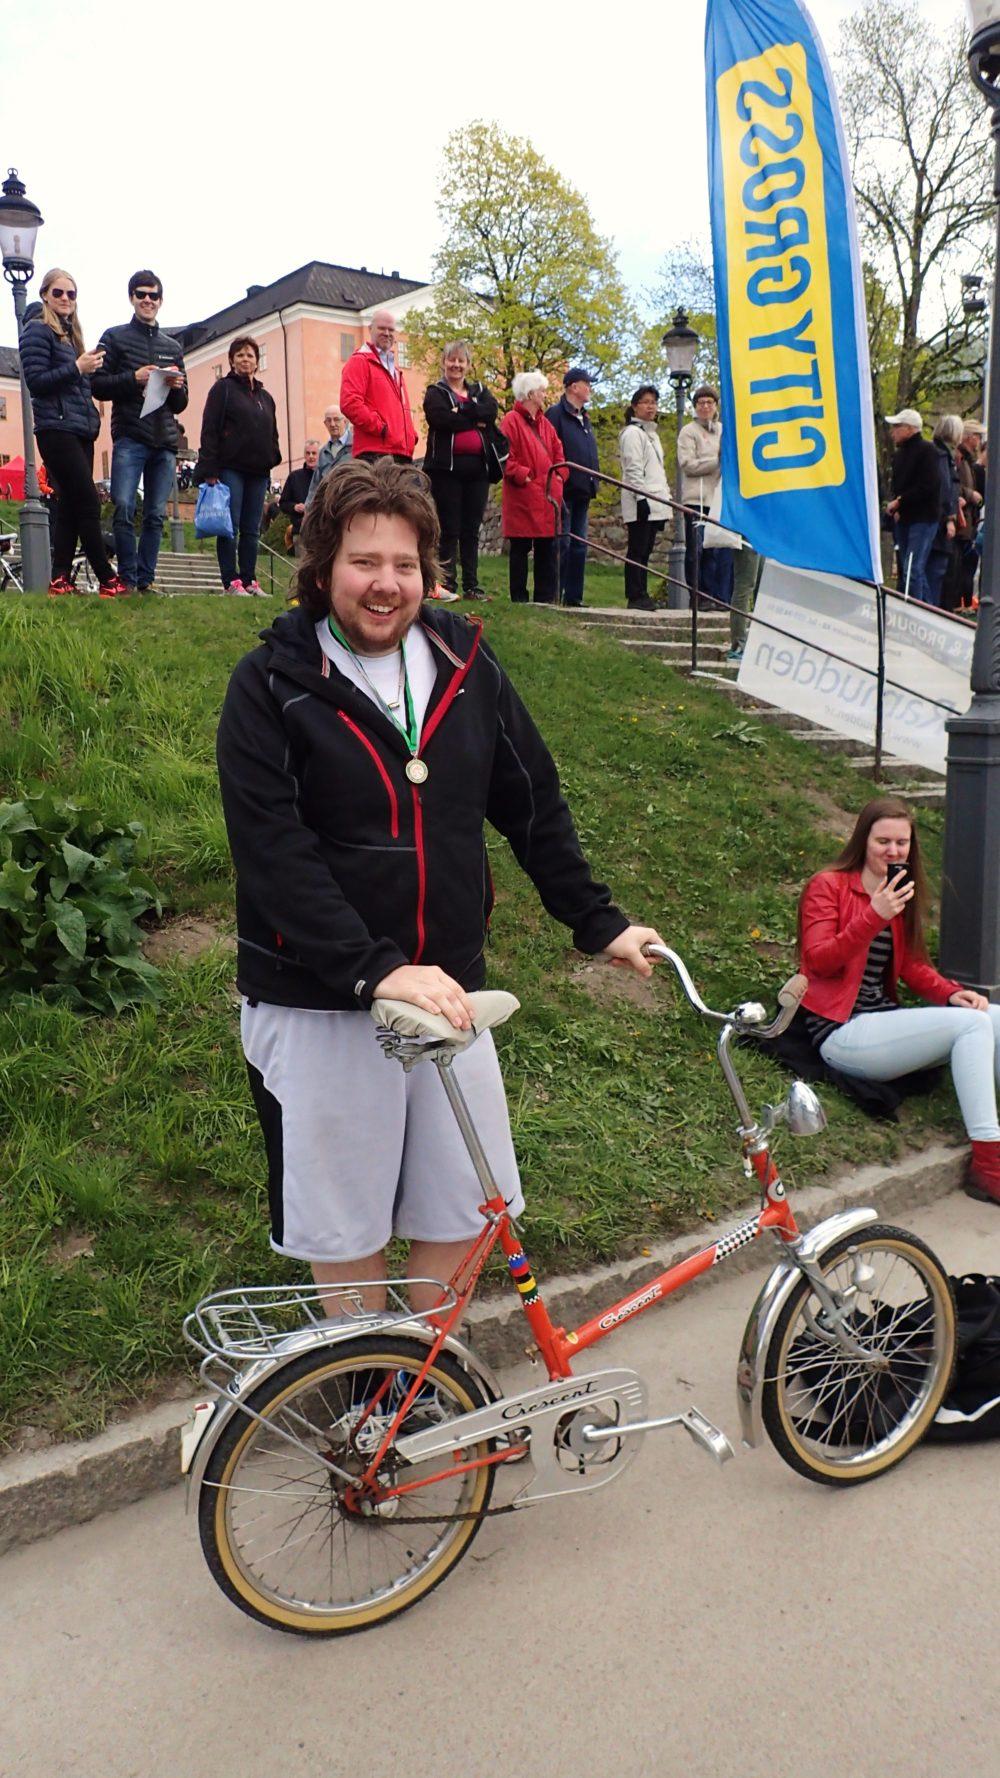 Vissa skilde ut sig i mängden av racercyklar, bland annat den här killen med minicykel som trampade 30 km, liksom en kille som cyklade på enhjuling!